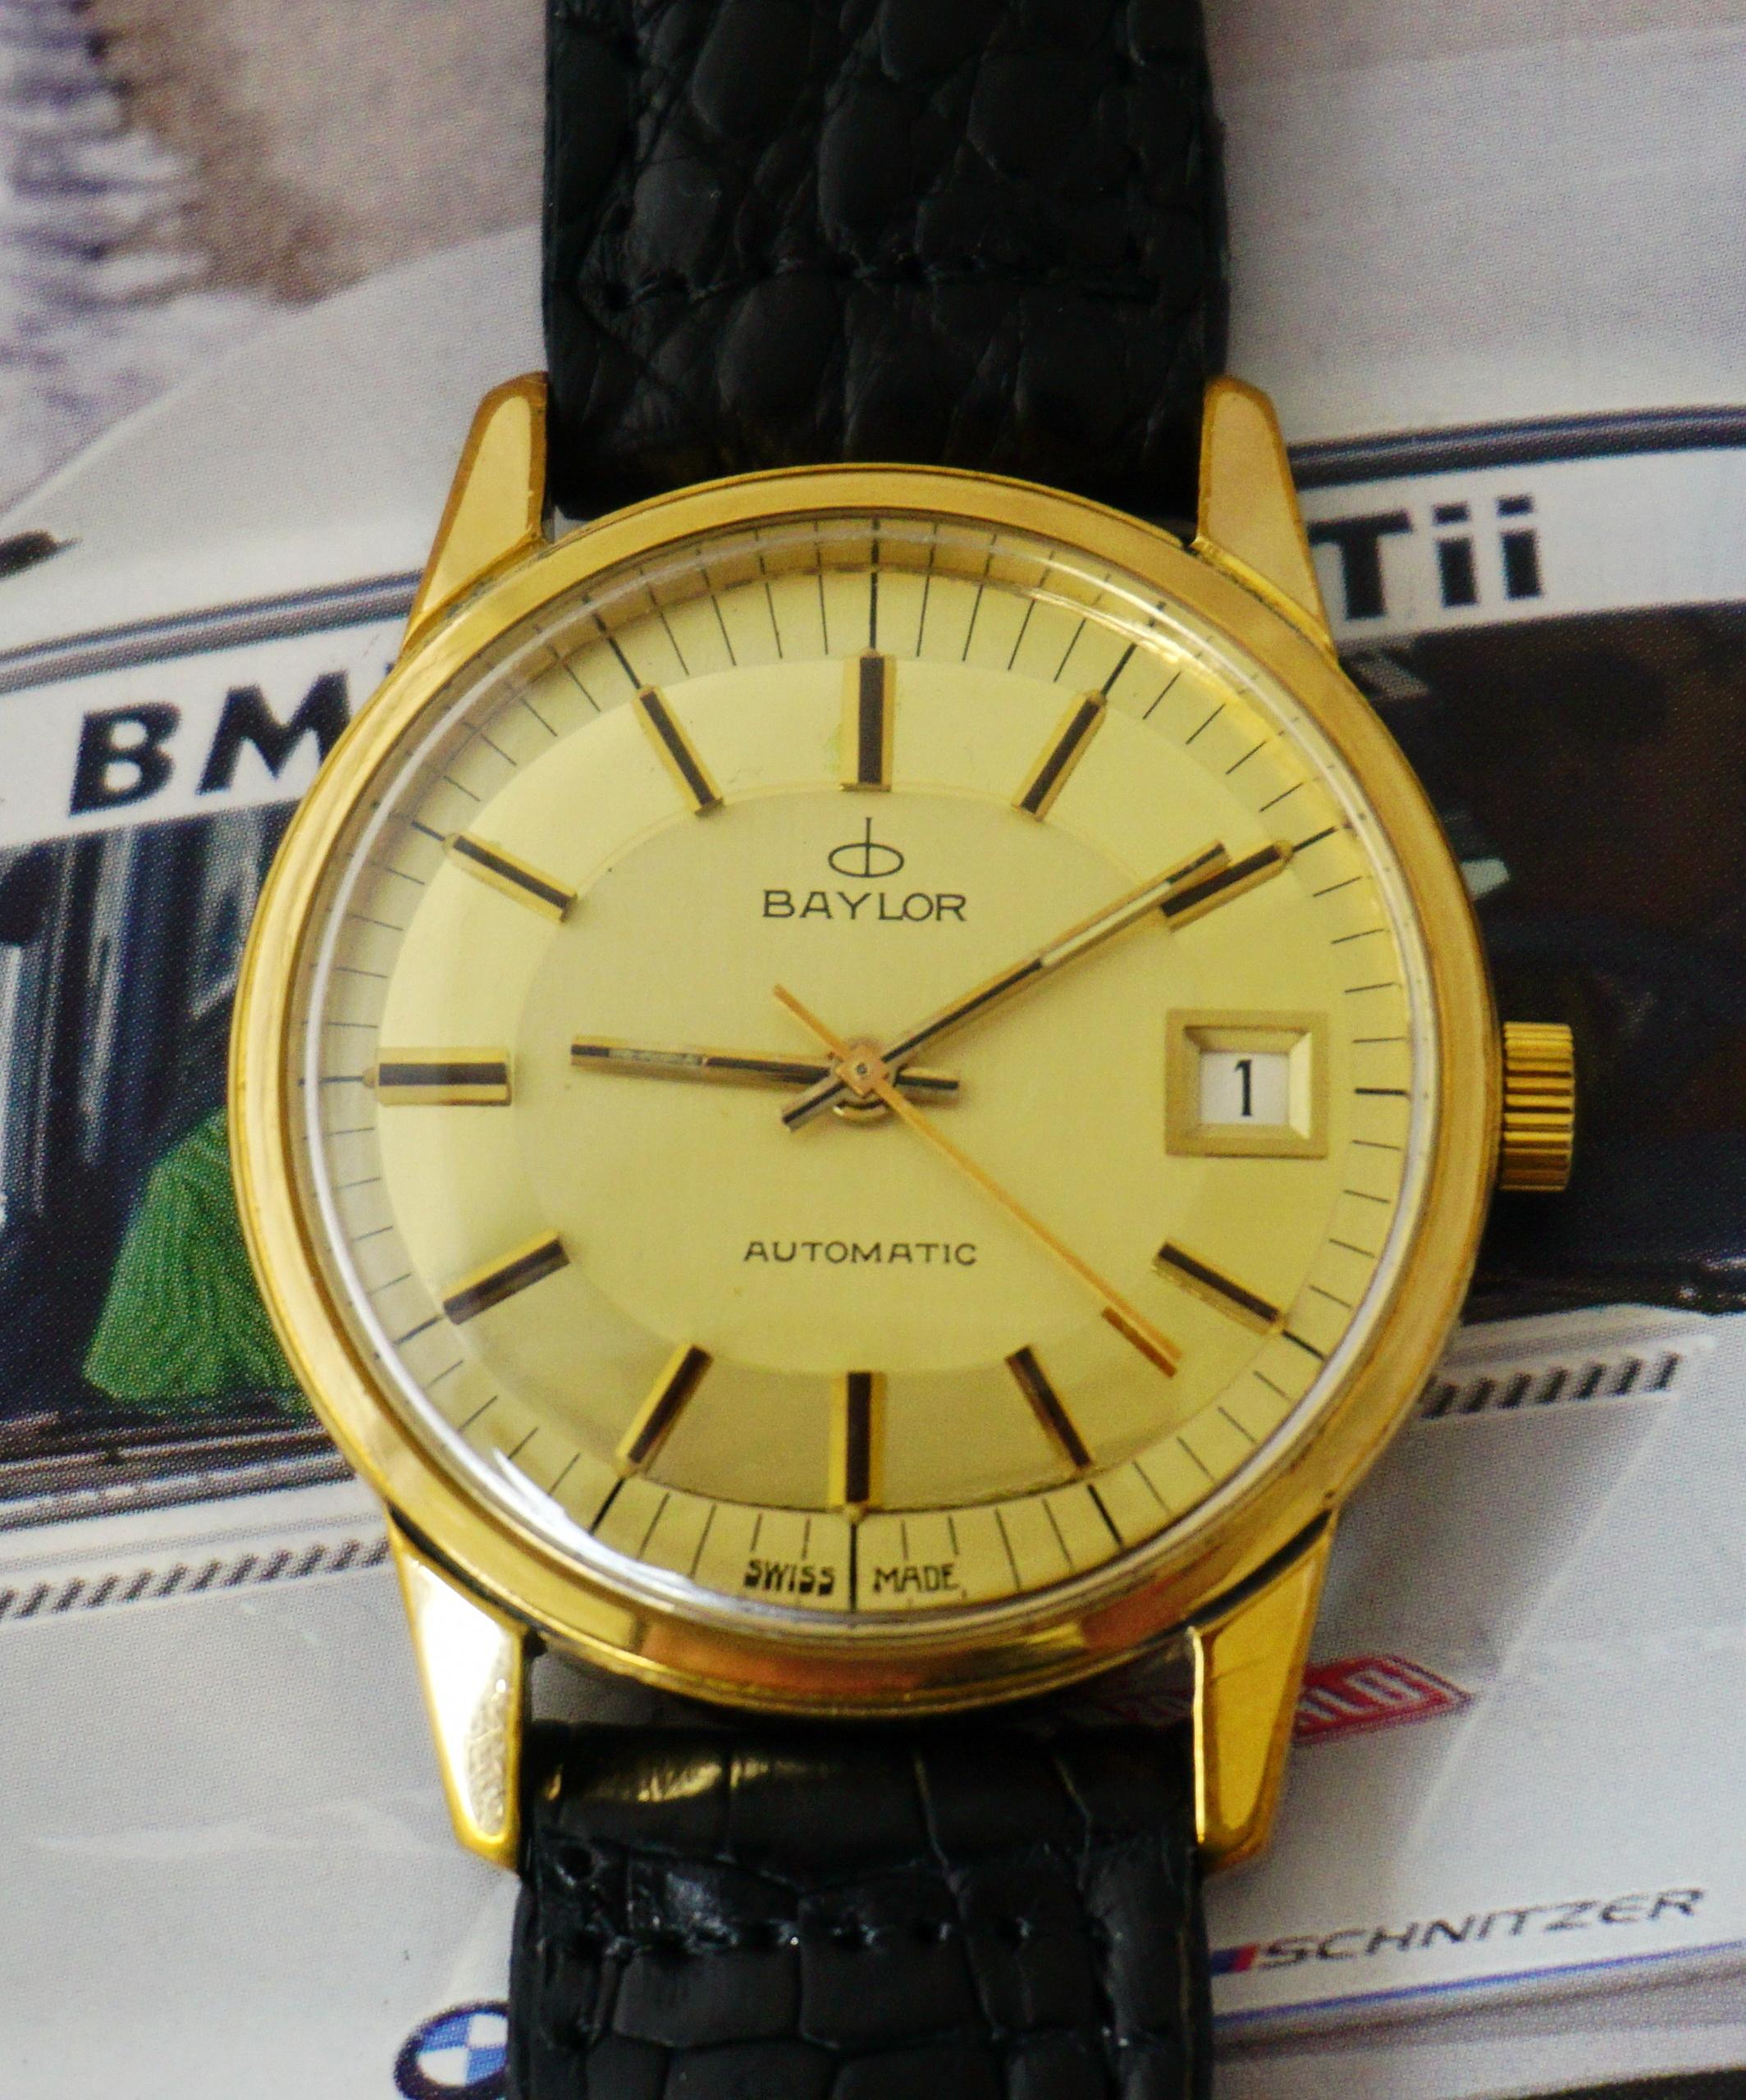 นาฬิกาเก่า BAYLOR ออโตเมติก